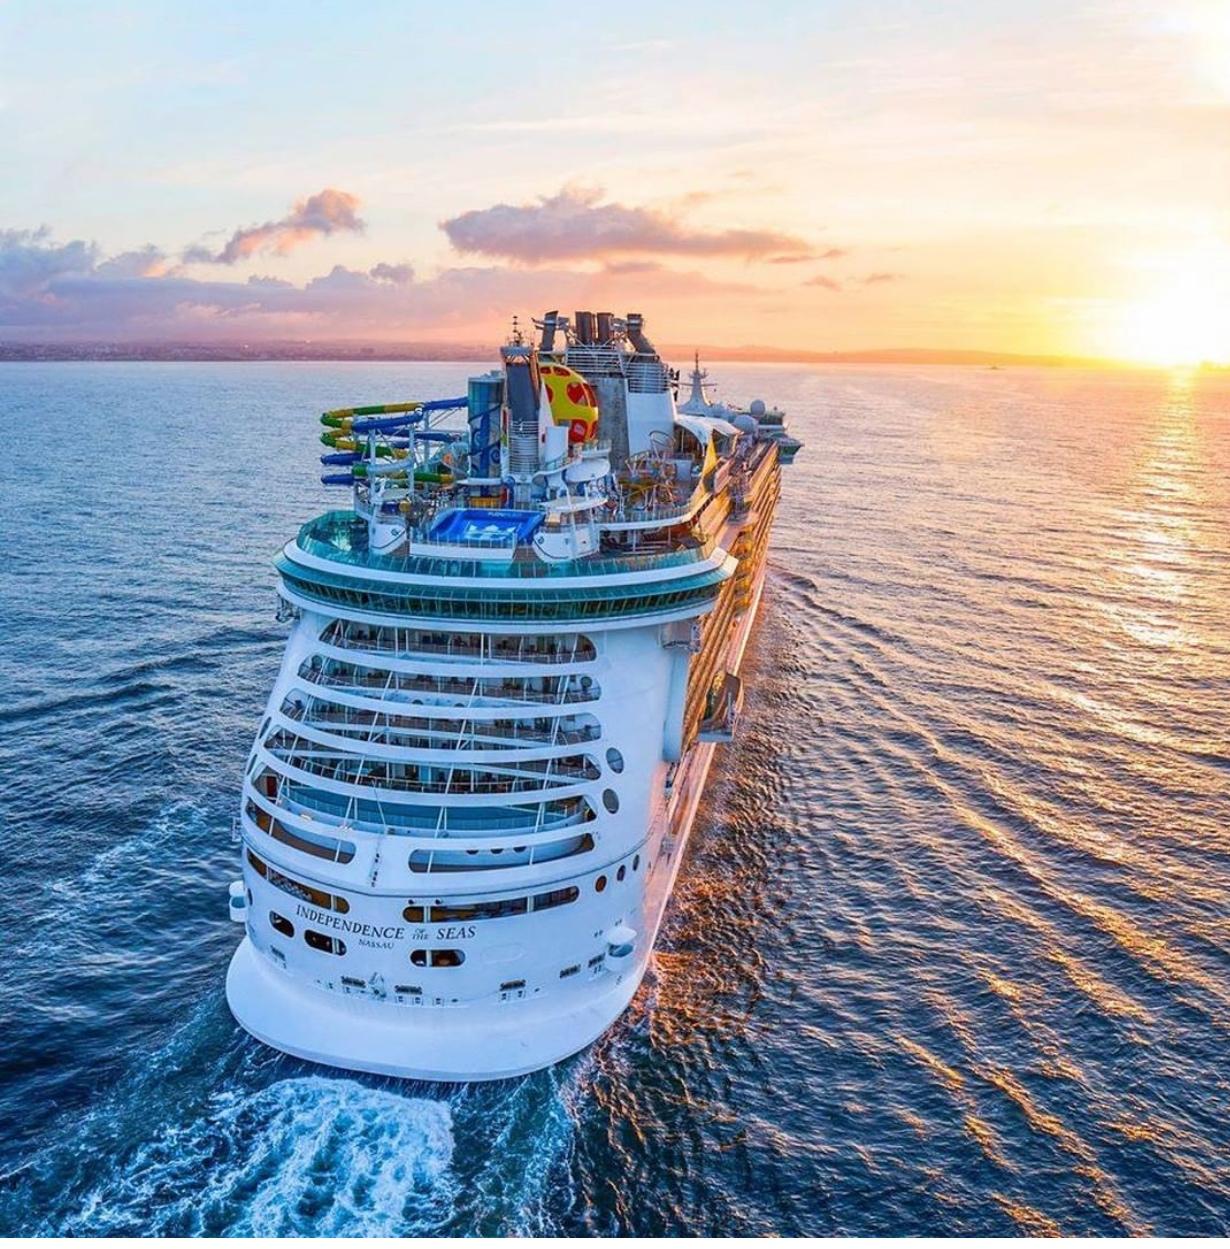 גלי הקורונה מתנפצים גם על דפנות אוניות הקרוזים